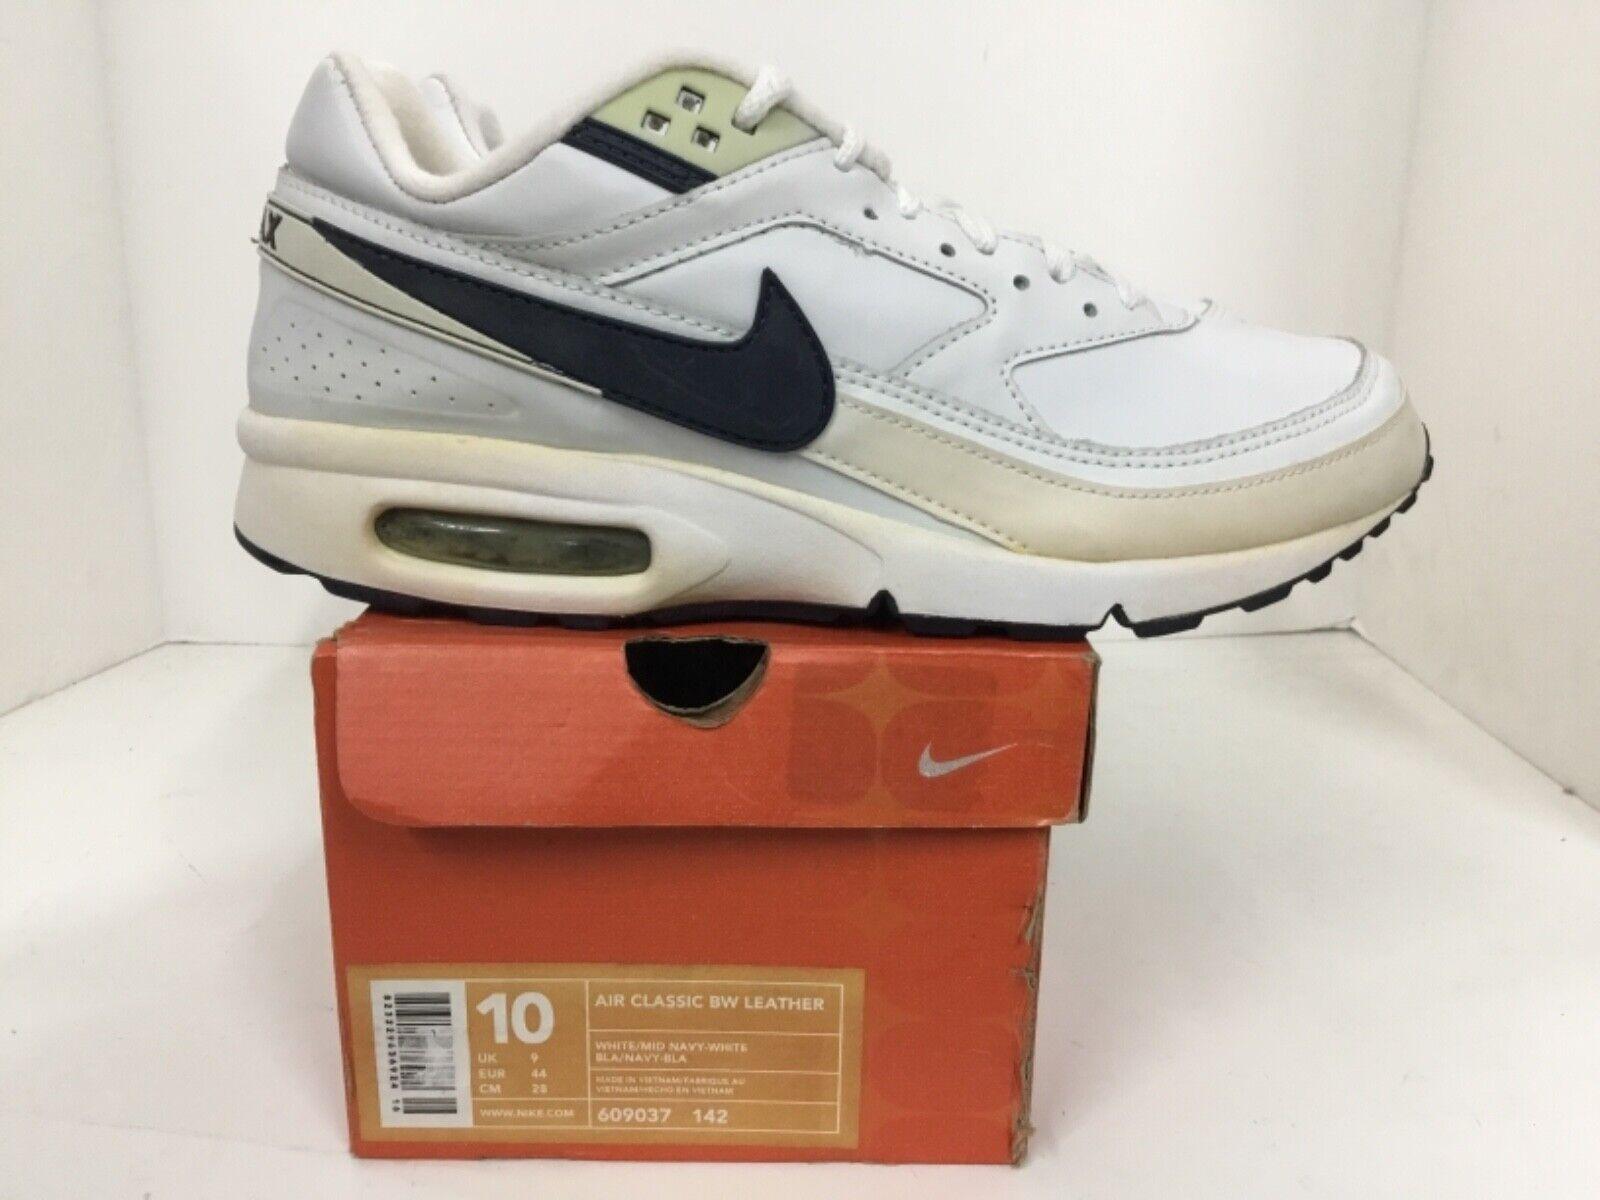 Nike Air Classic BW Leather  Mens Style \ 609037 142 Dimensione 10  produttori fornitura diretta